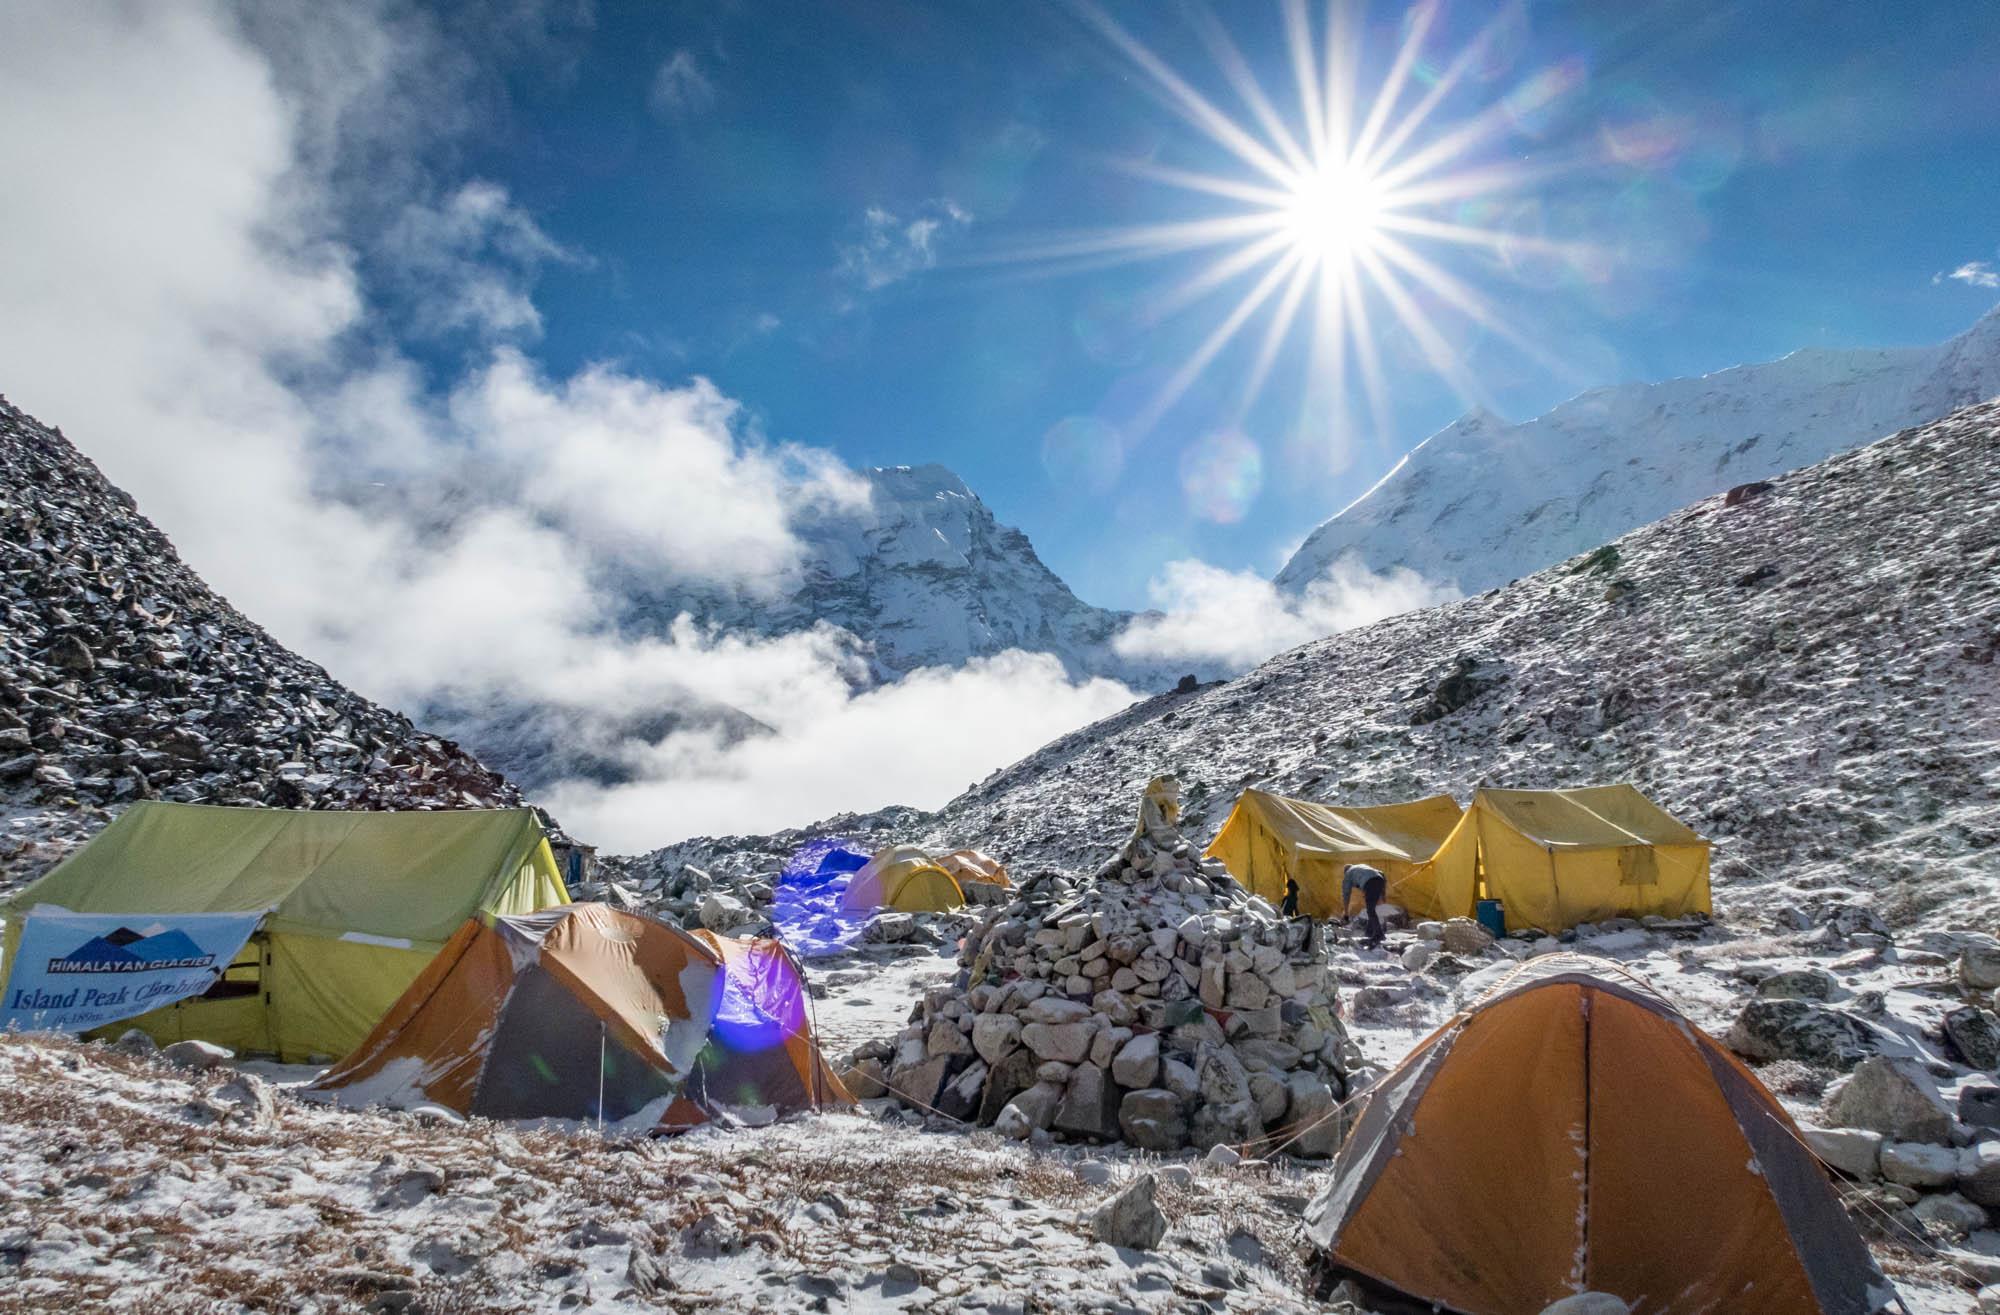 Ein Rummelplatz mit bunten Zelten.